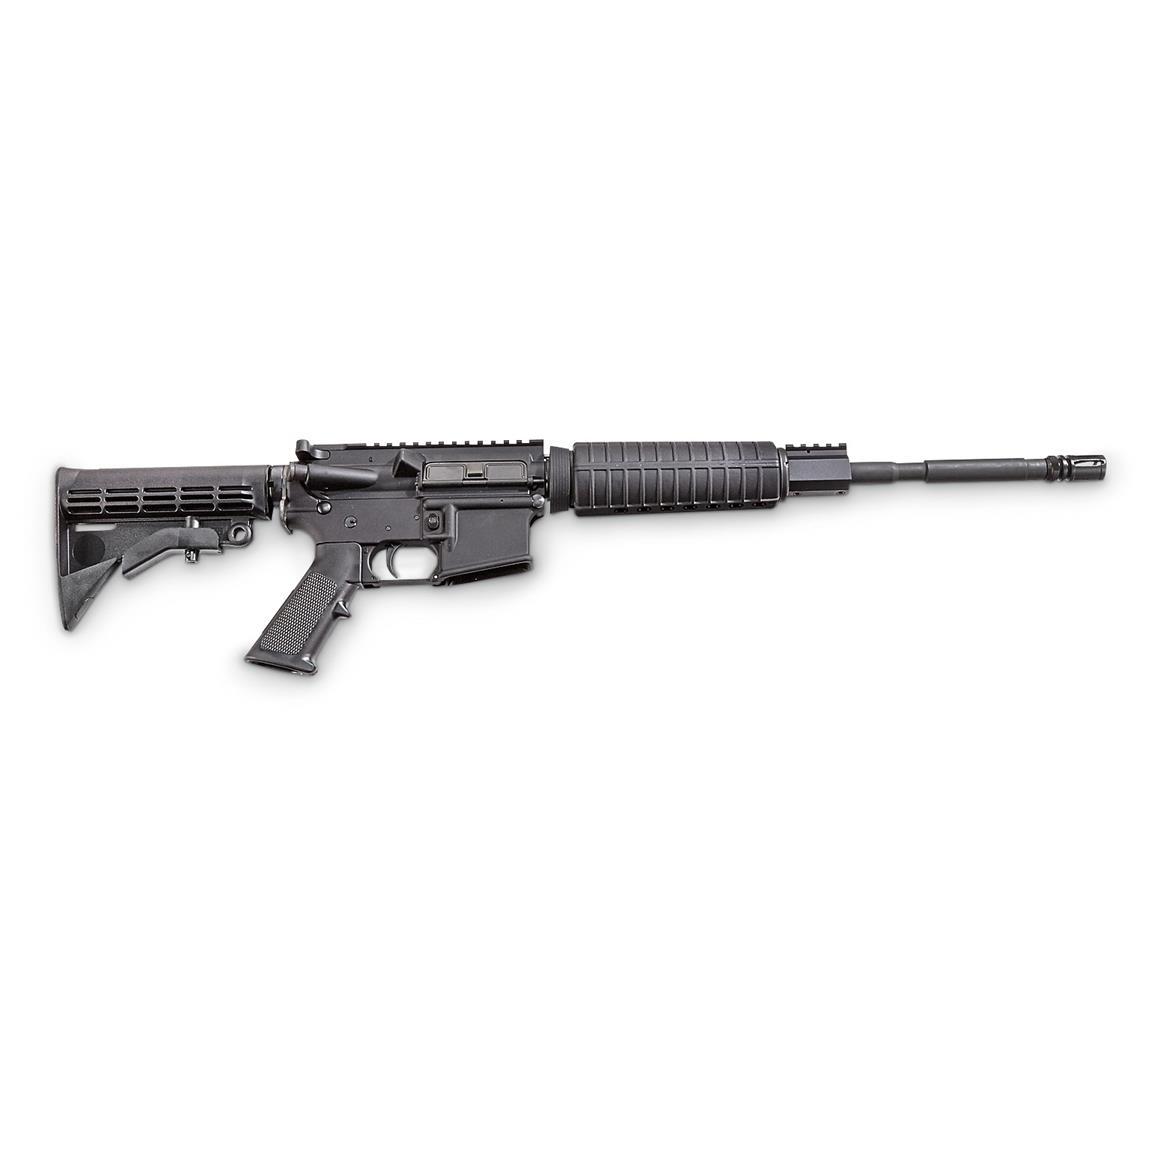 GUN Anderson Carbine 5.56 NATO Semi-automatic Rifle $474.99/$499.99 + $4.99 S/H